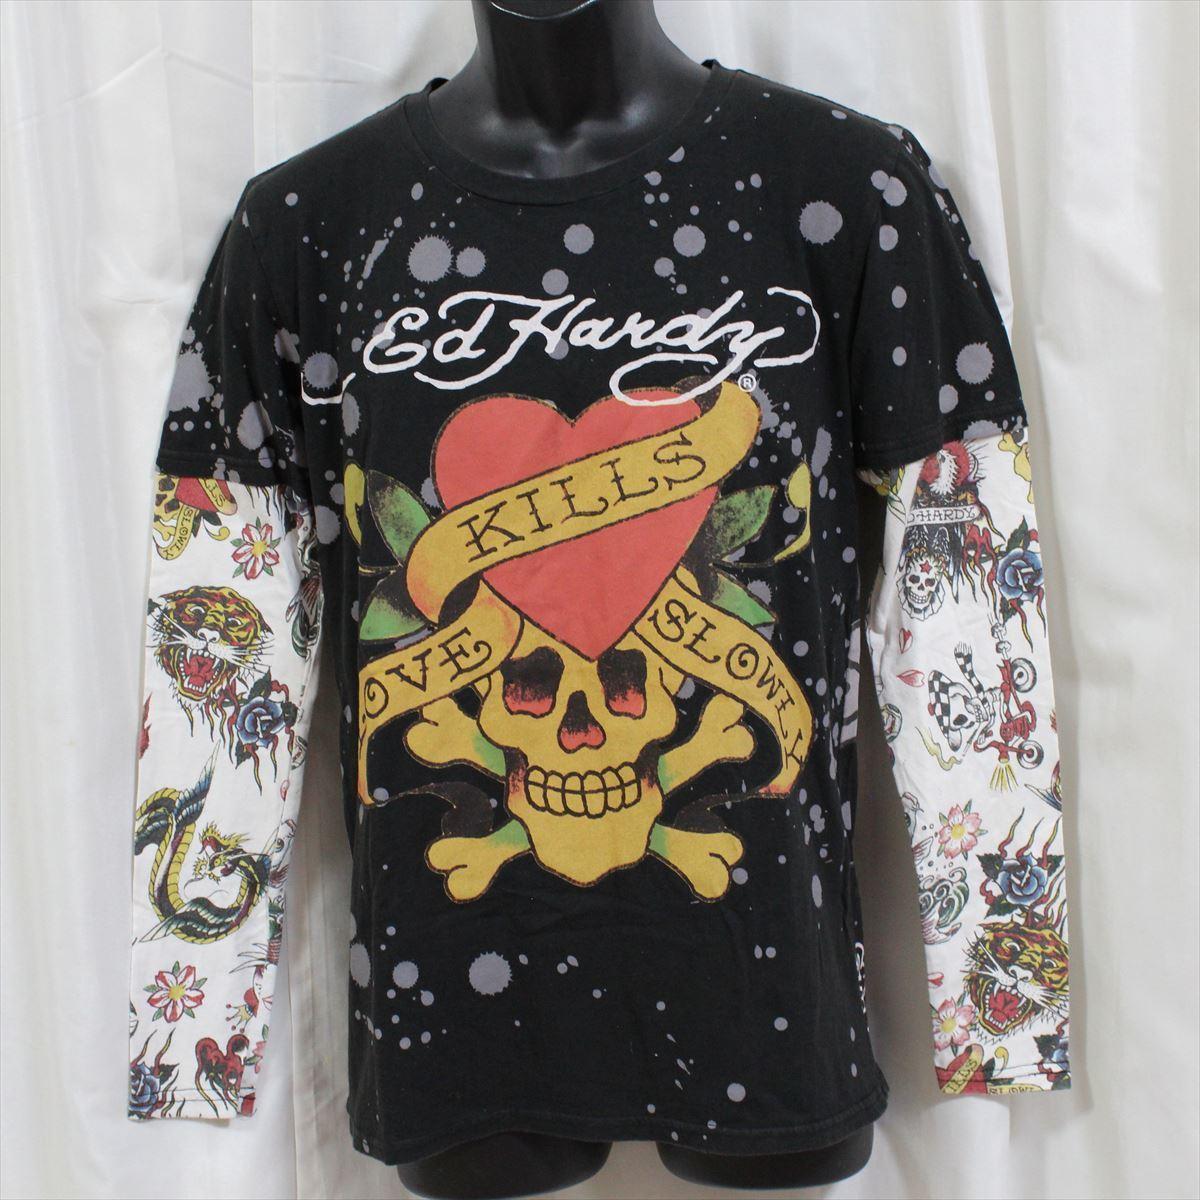 エドハーディー ED HARDY メンズダブルスリーブTシャツ ブラック Sサイズ M03VDS052 新品 長袖_画像1